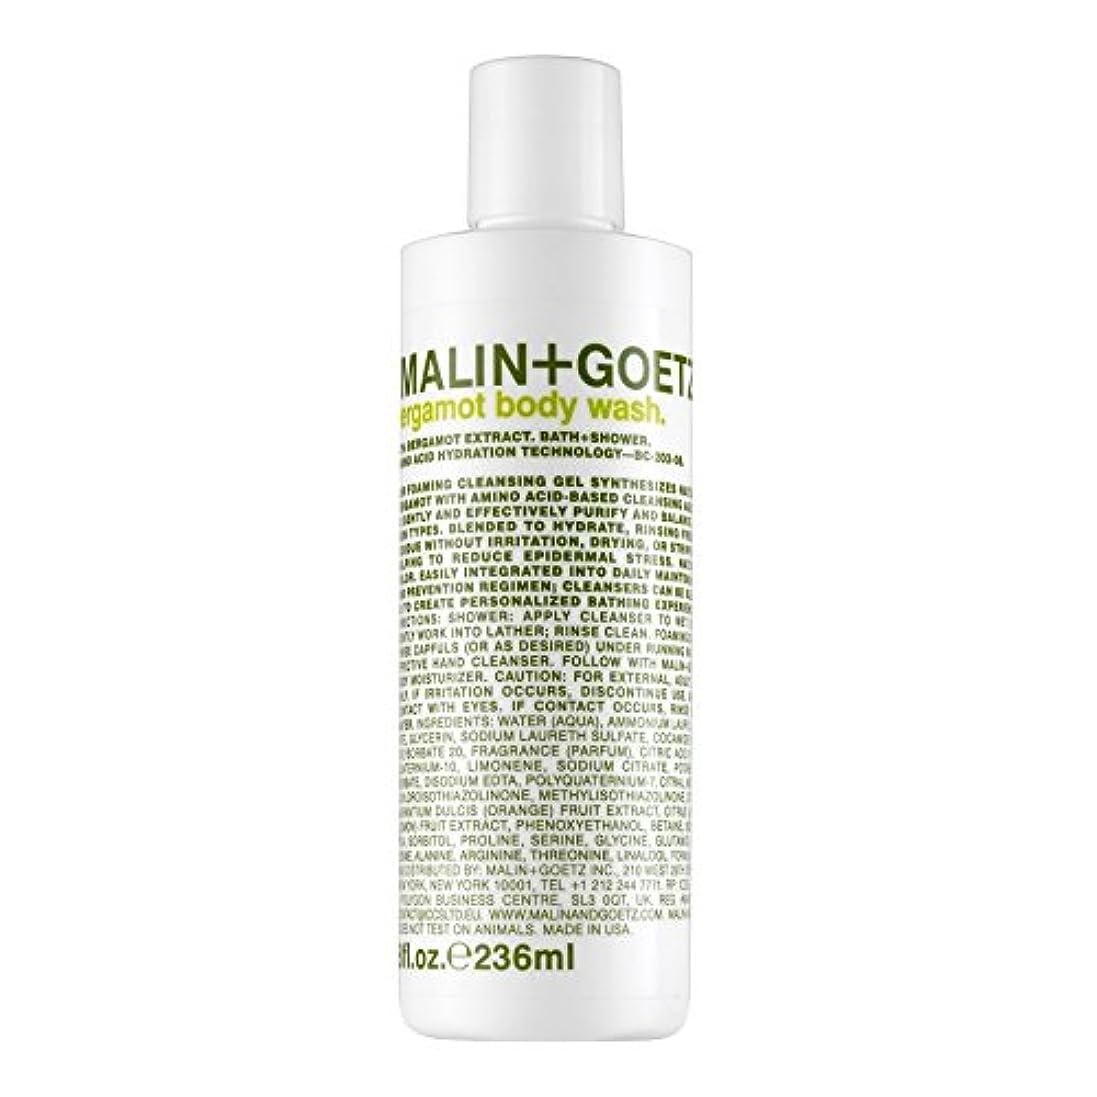 パークギャロップ醸造所マリン+ゲッツベルガモットボディウォッシュ x2 - MALIN+GOETZ Bergamot Body Wash (Pack of 2) [並行輸入品]